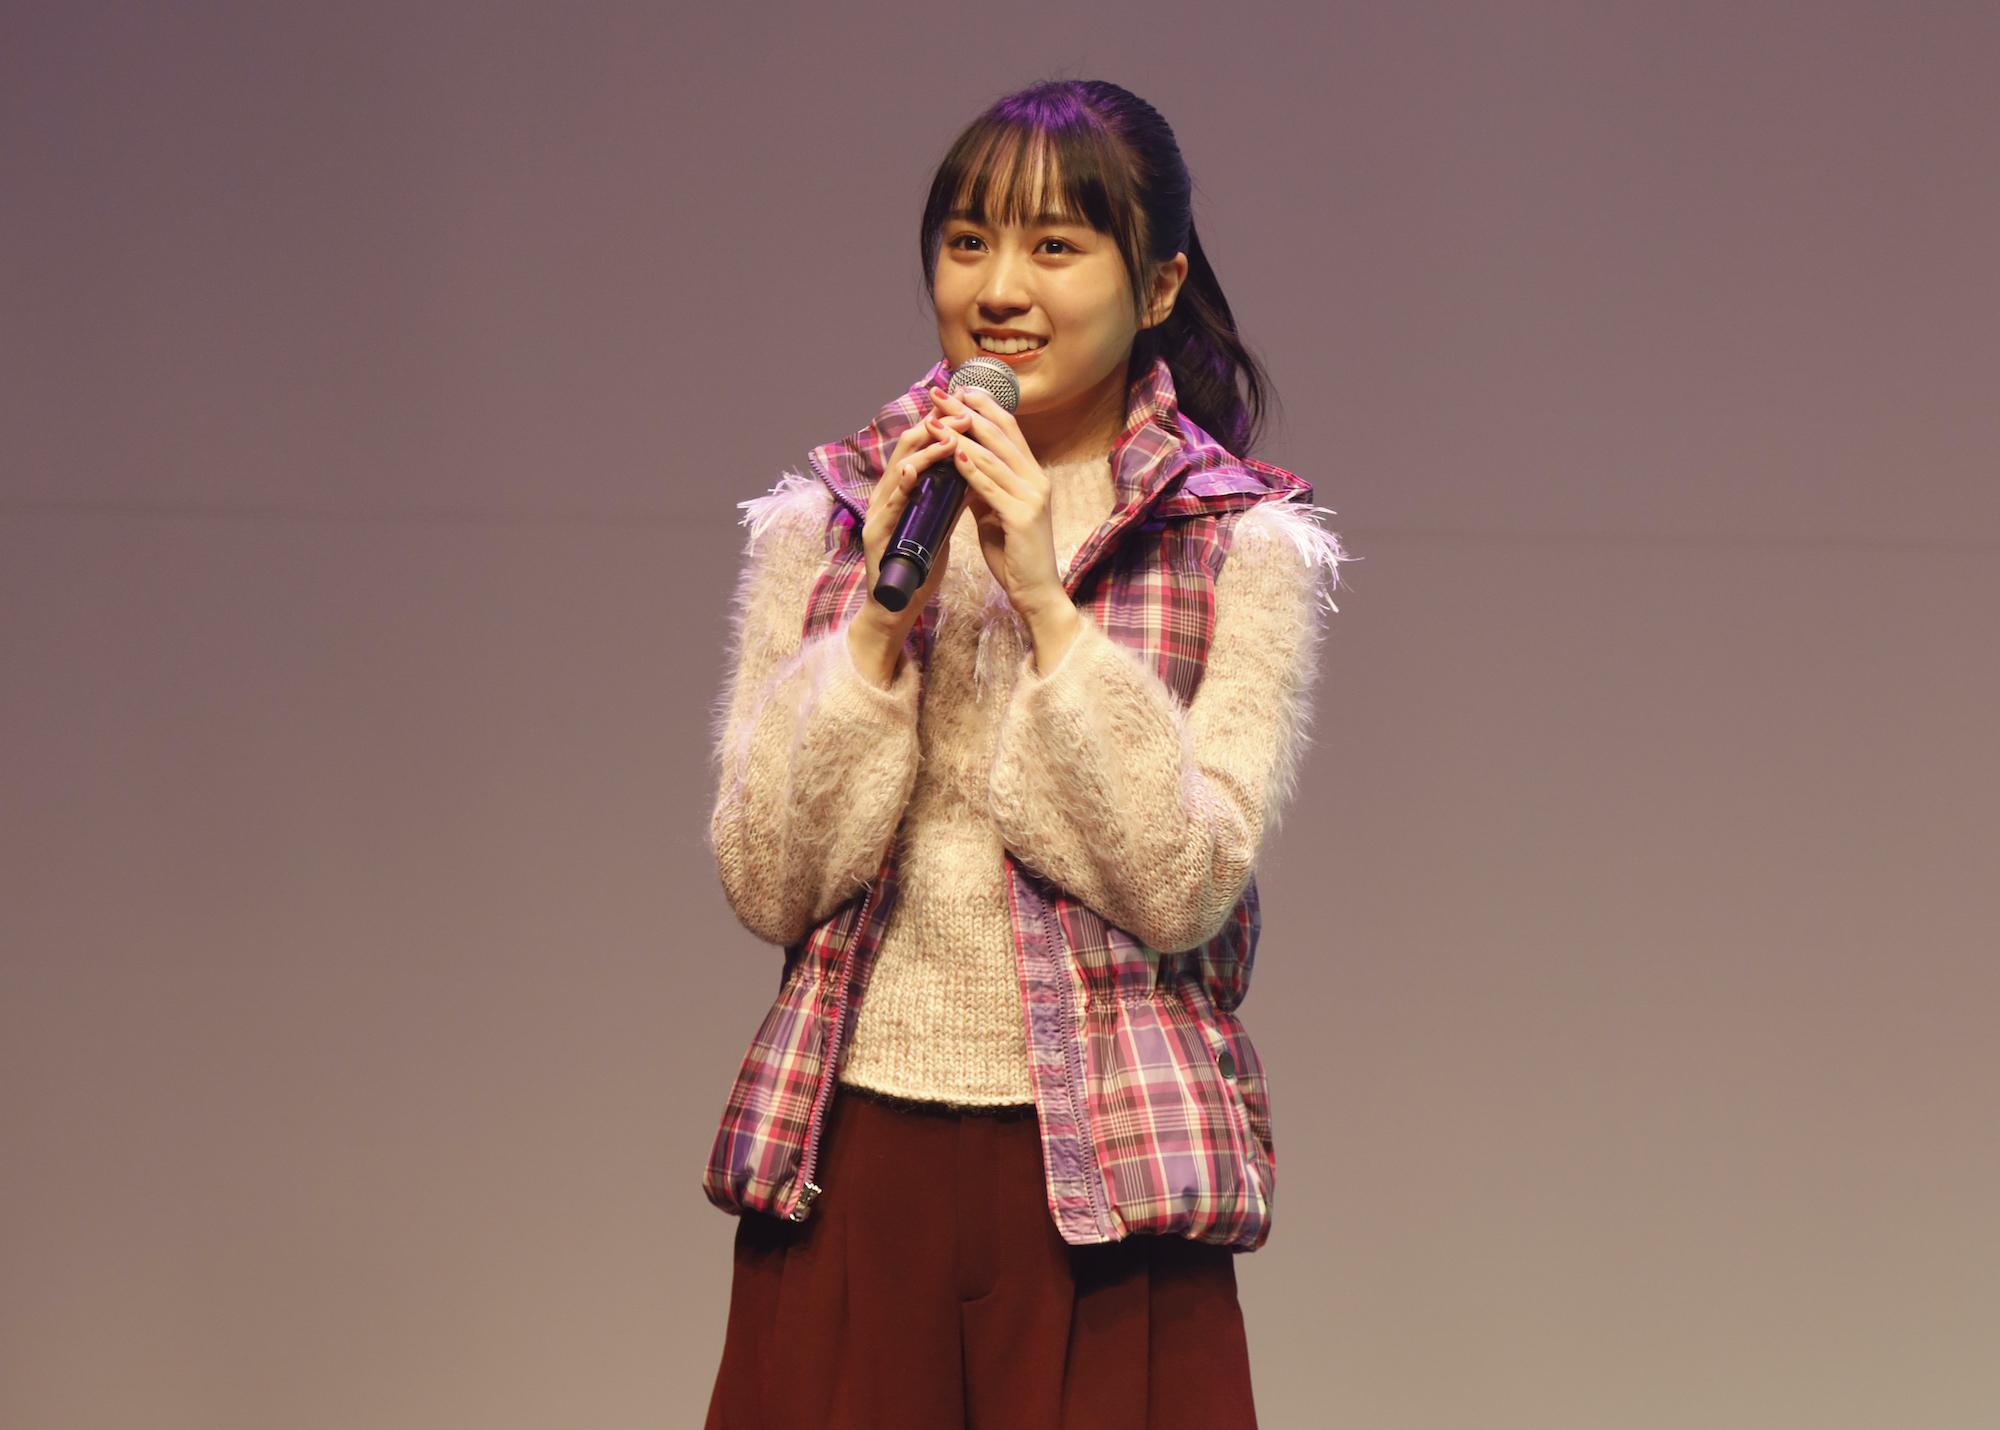 賀喜遥香/【SHIBUYA SCRAMBLE FESTIVAL 2020 Produced by anan】